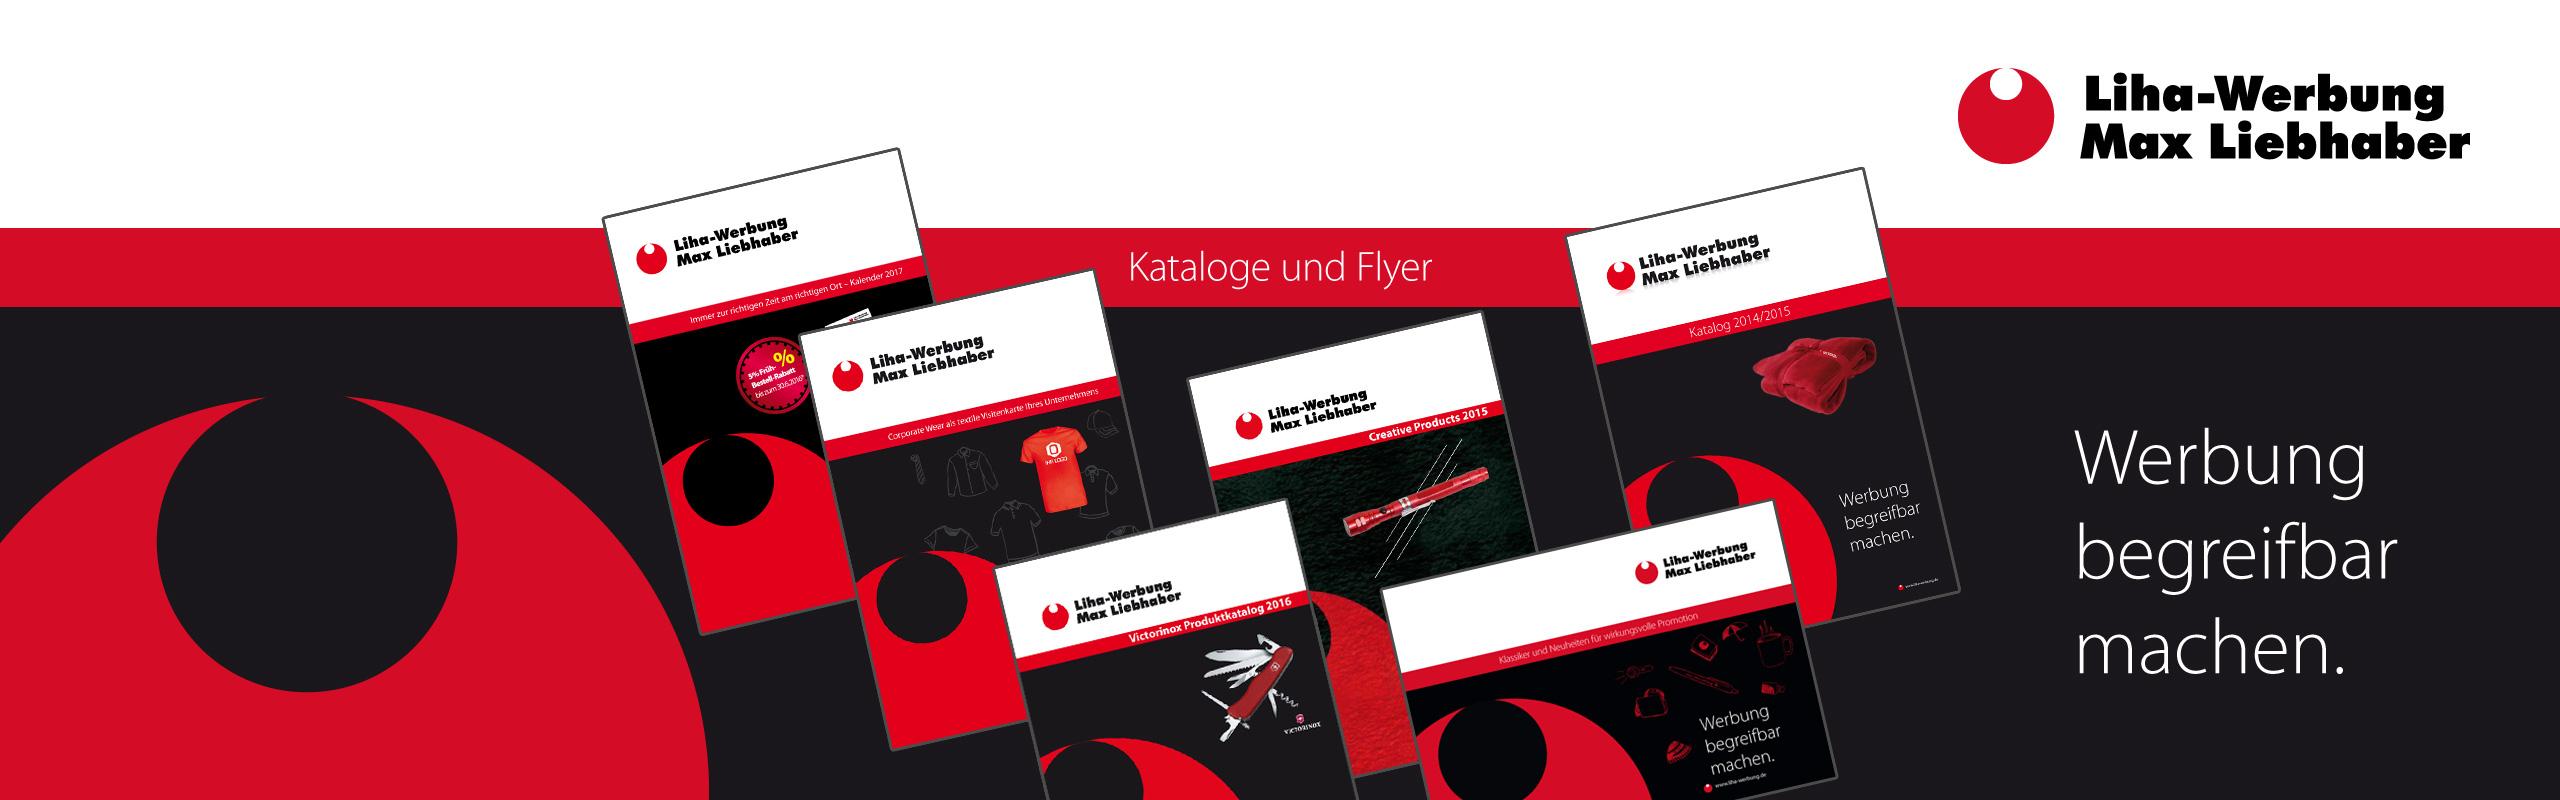 header-kataloge